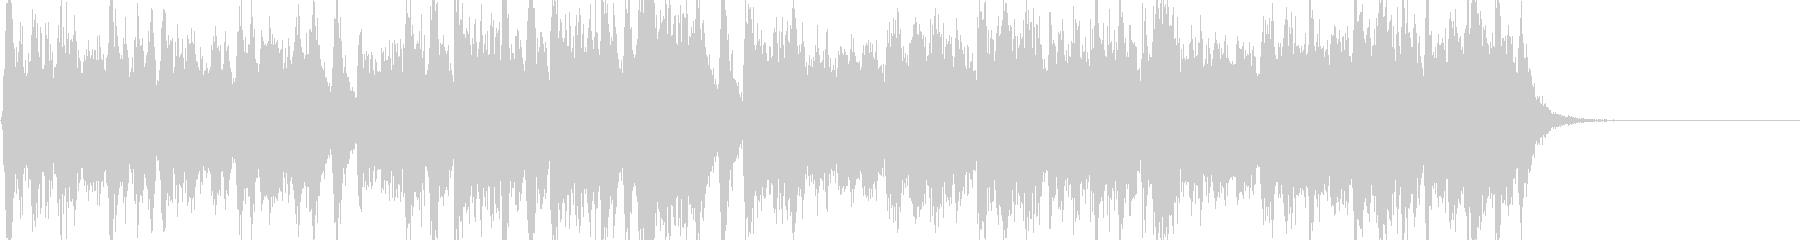 威風堂々 エルガー 第1番 冒頭の未再生の波形